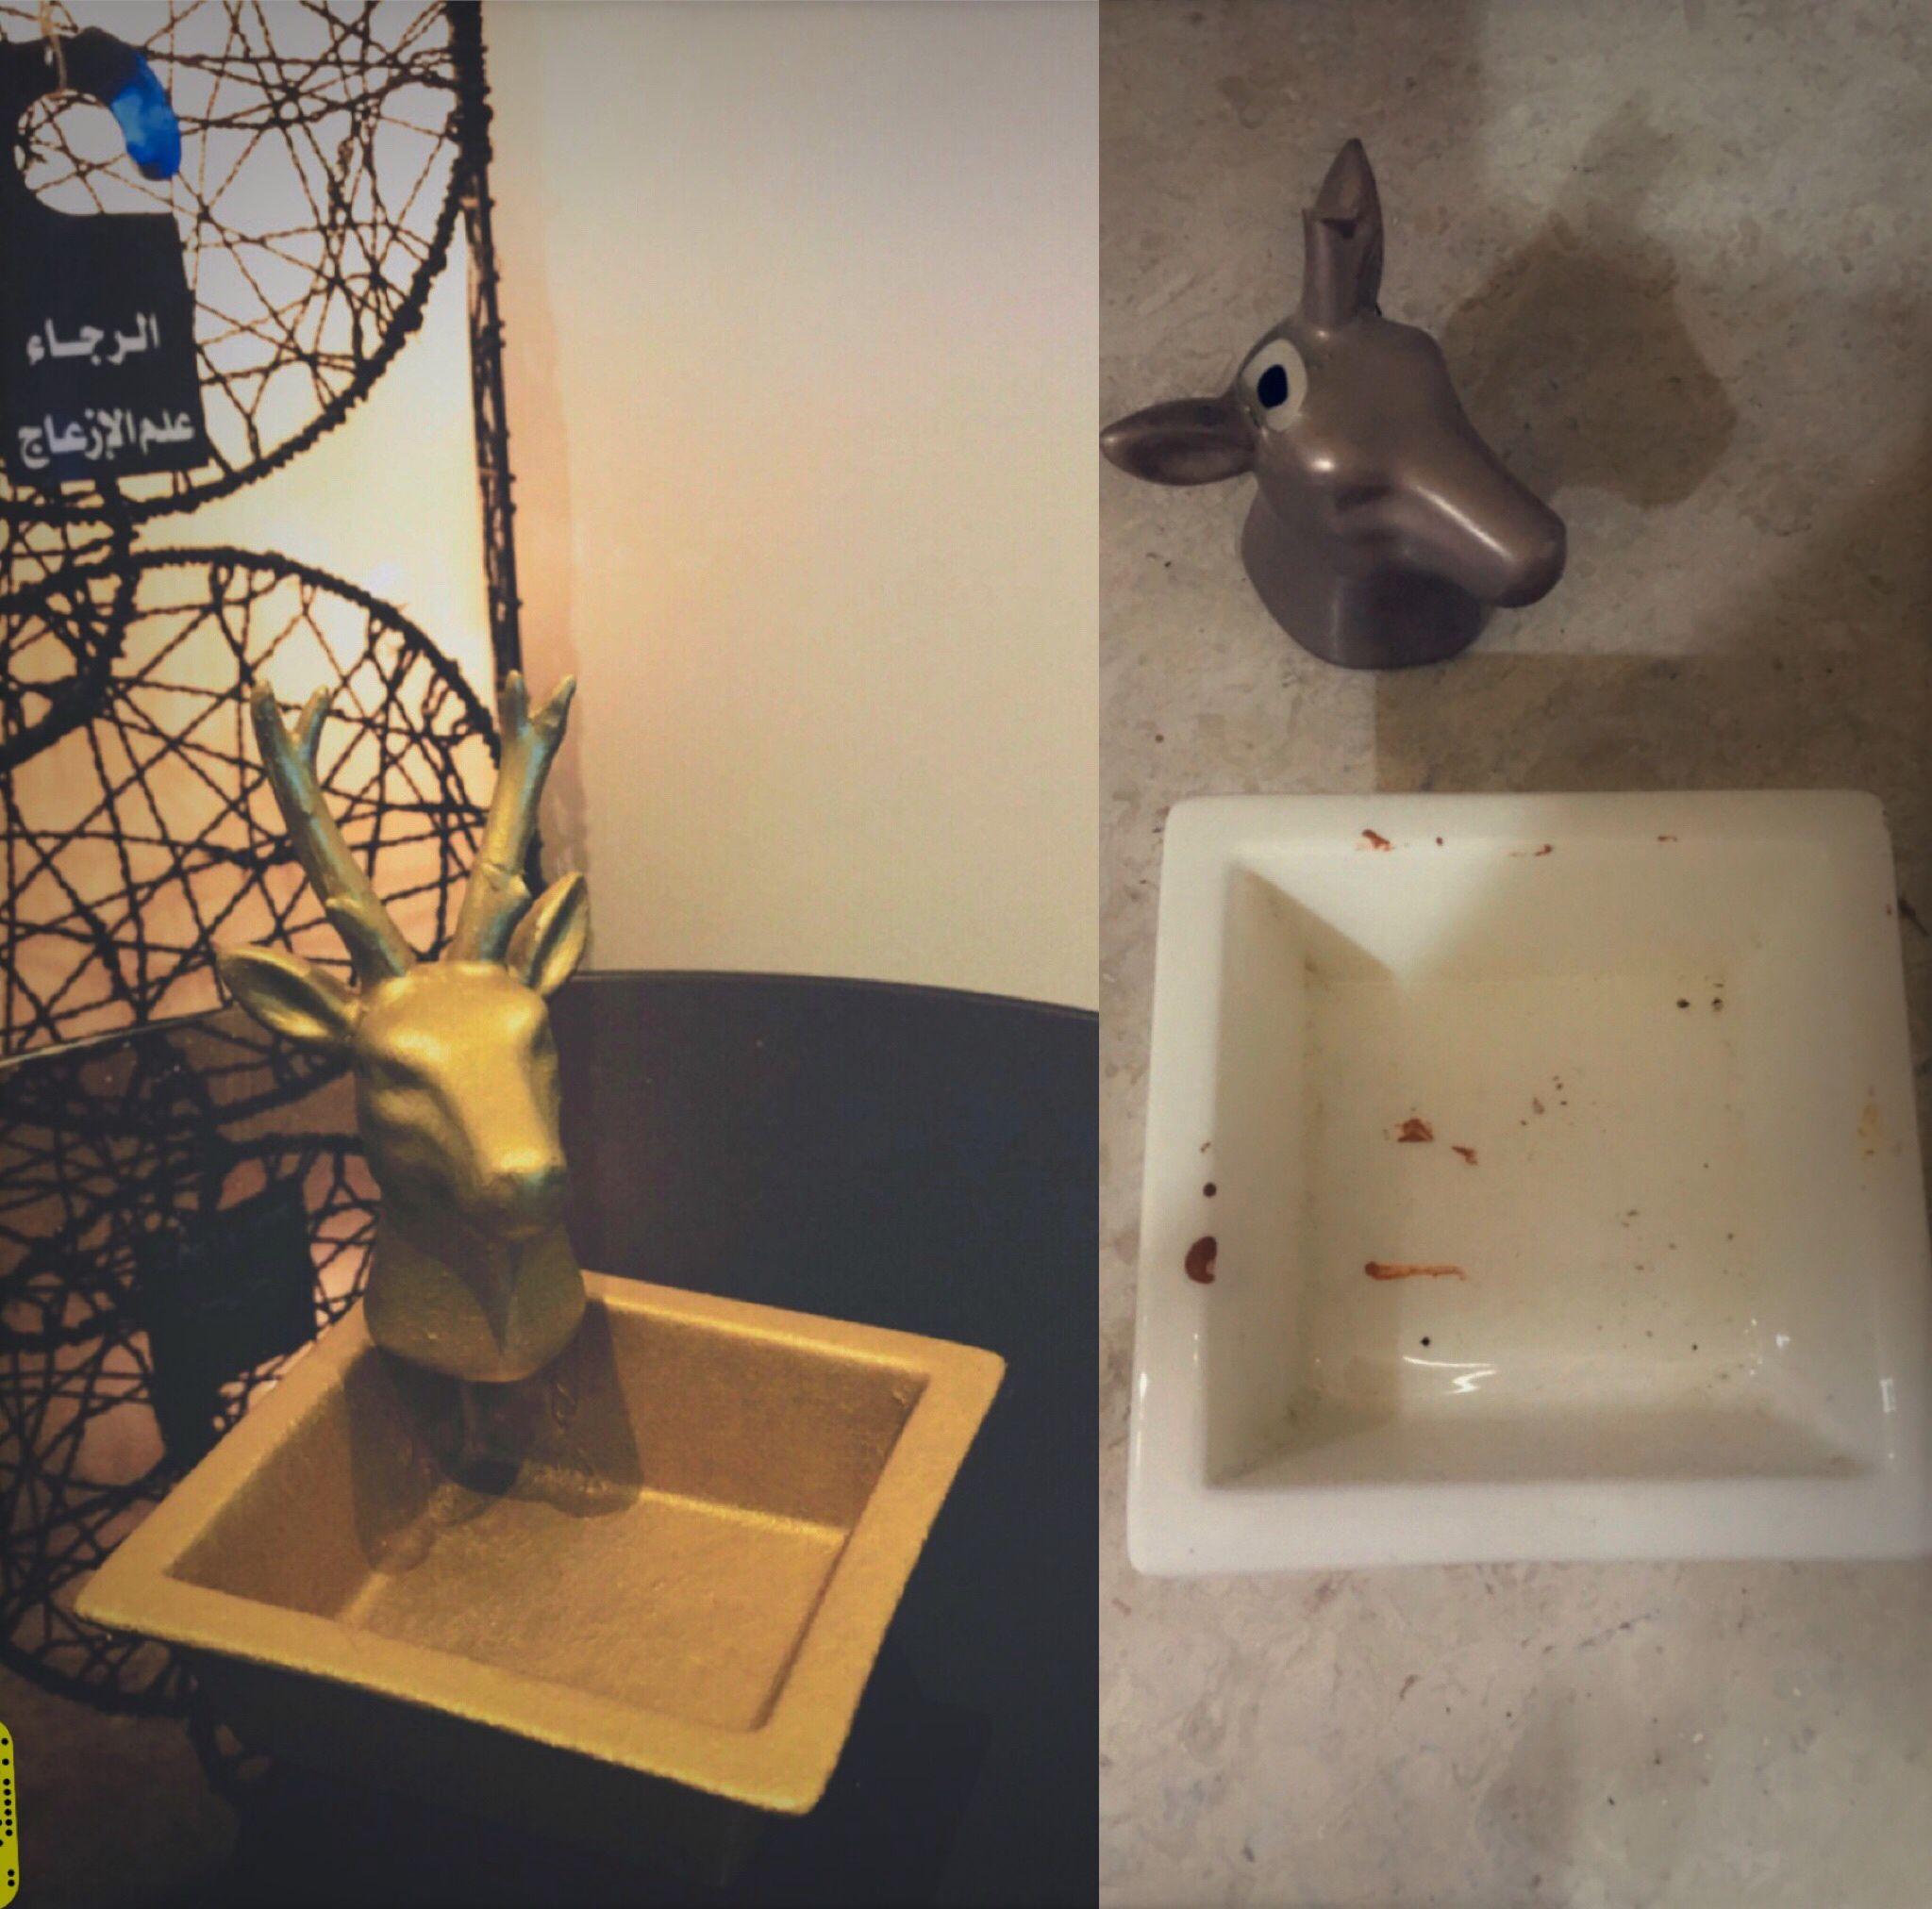 أعادة تدوير صحن وراس لعبه لـ طفاية سجائر فن رسم تصميم تحف ديكور رسوماتي مجسمات اعمال Decor Home Decor Sink